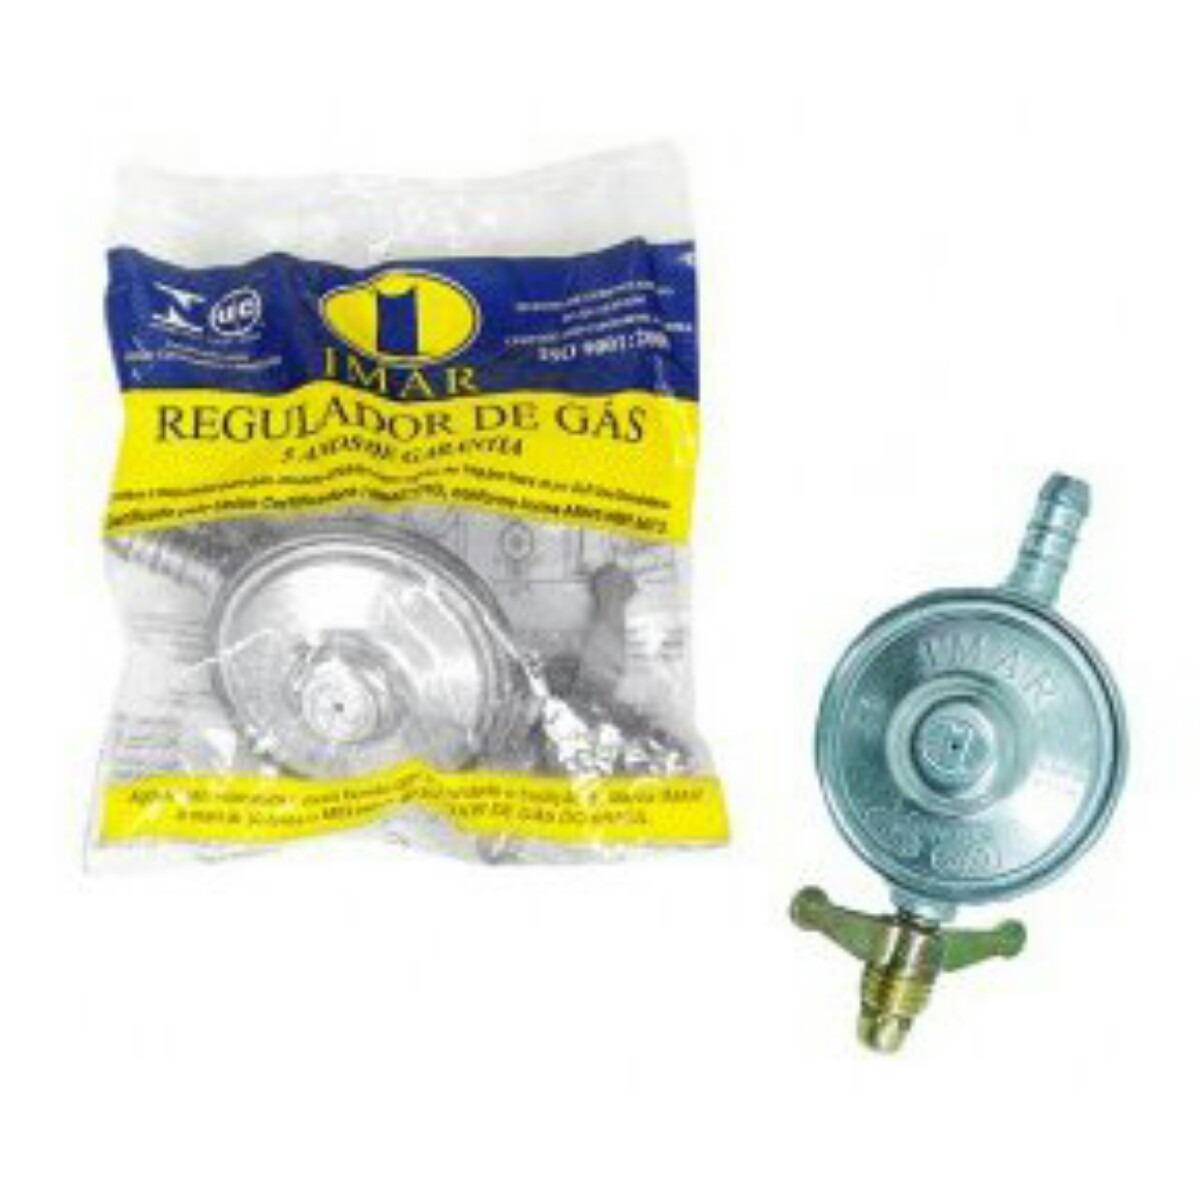 Kit registro regulador de g s c mangueira e abra adeira - Regulador de gas ...